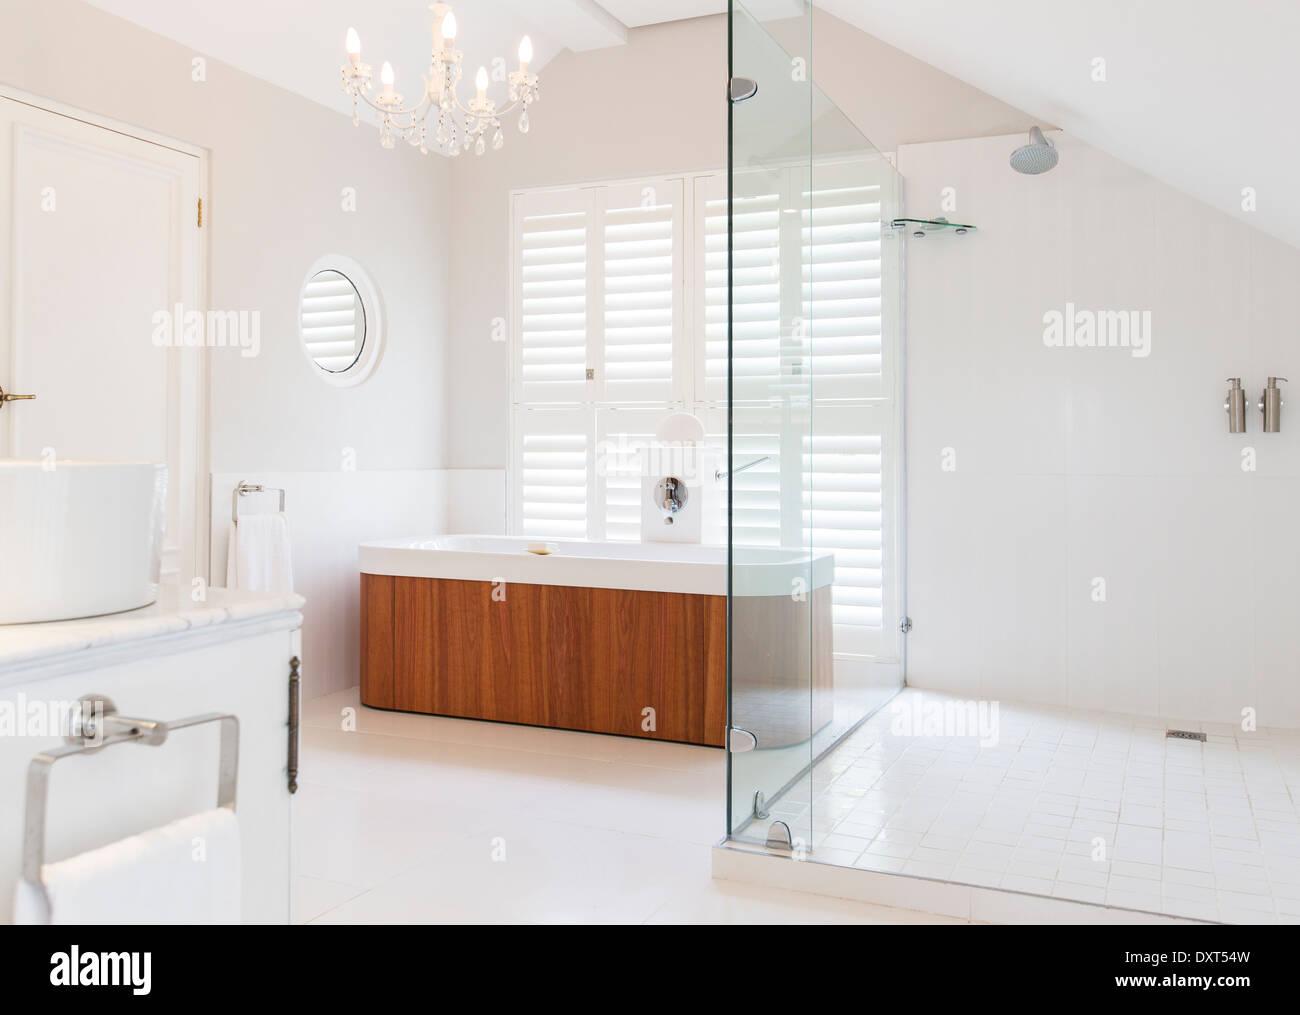 Lampadario sopra una vasca in bagno moderno foto & immagine stock